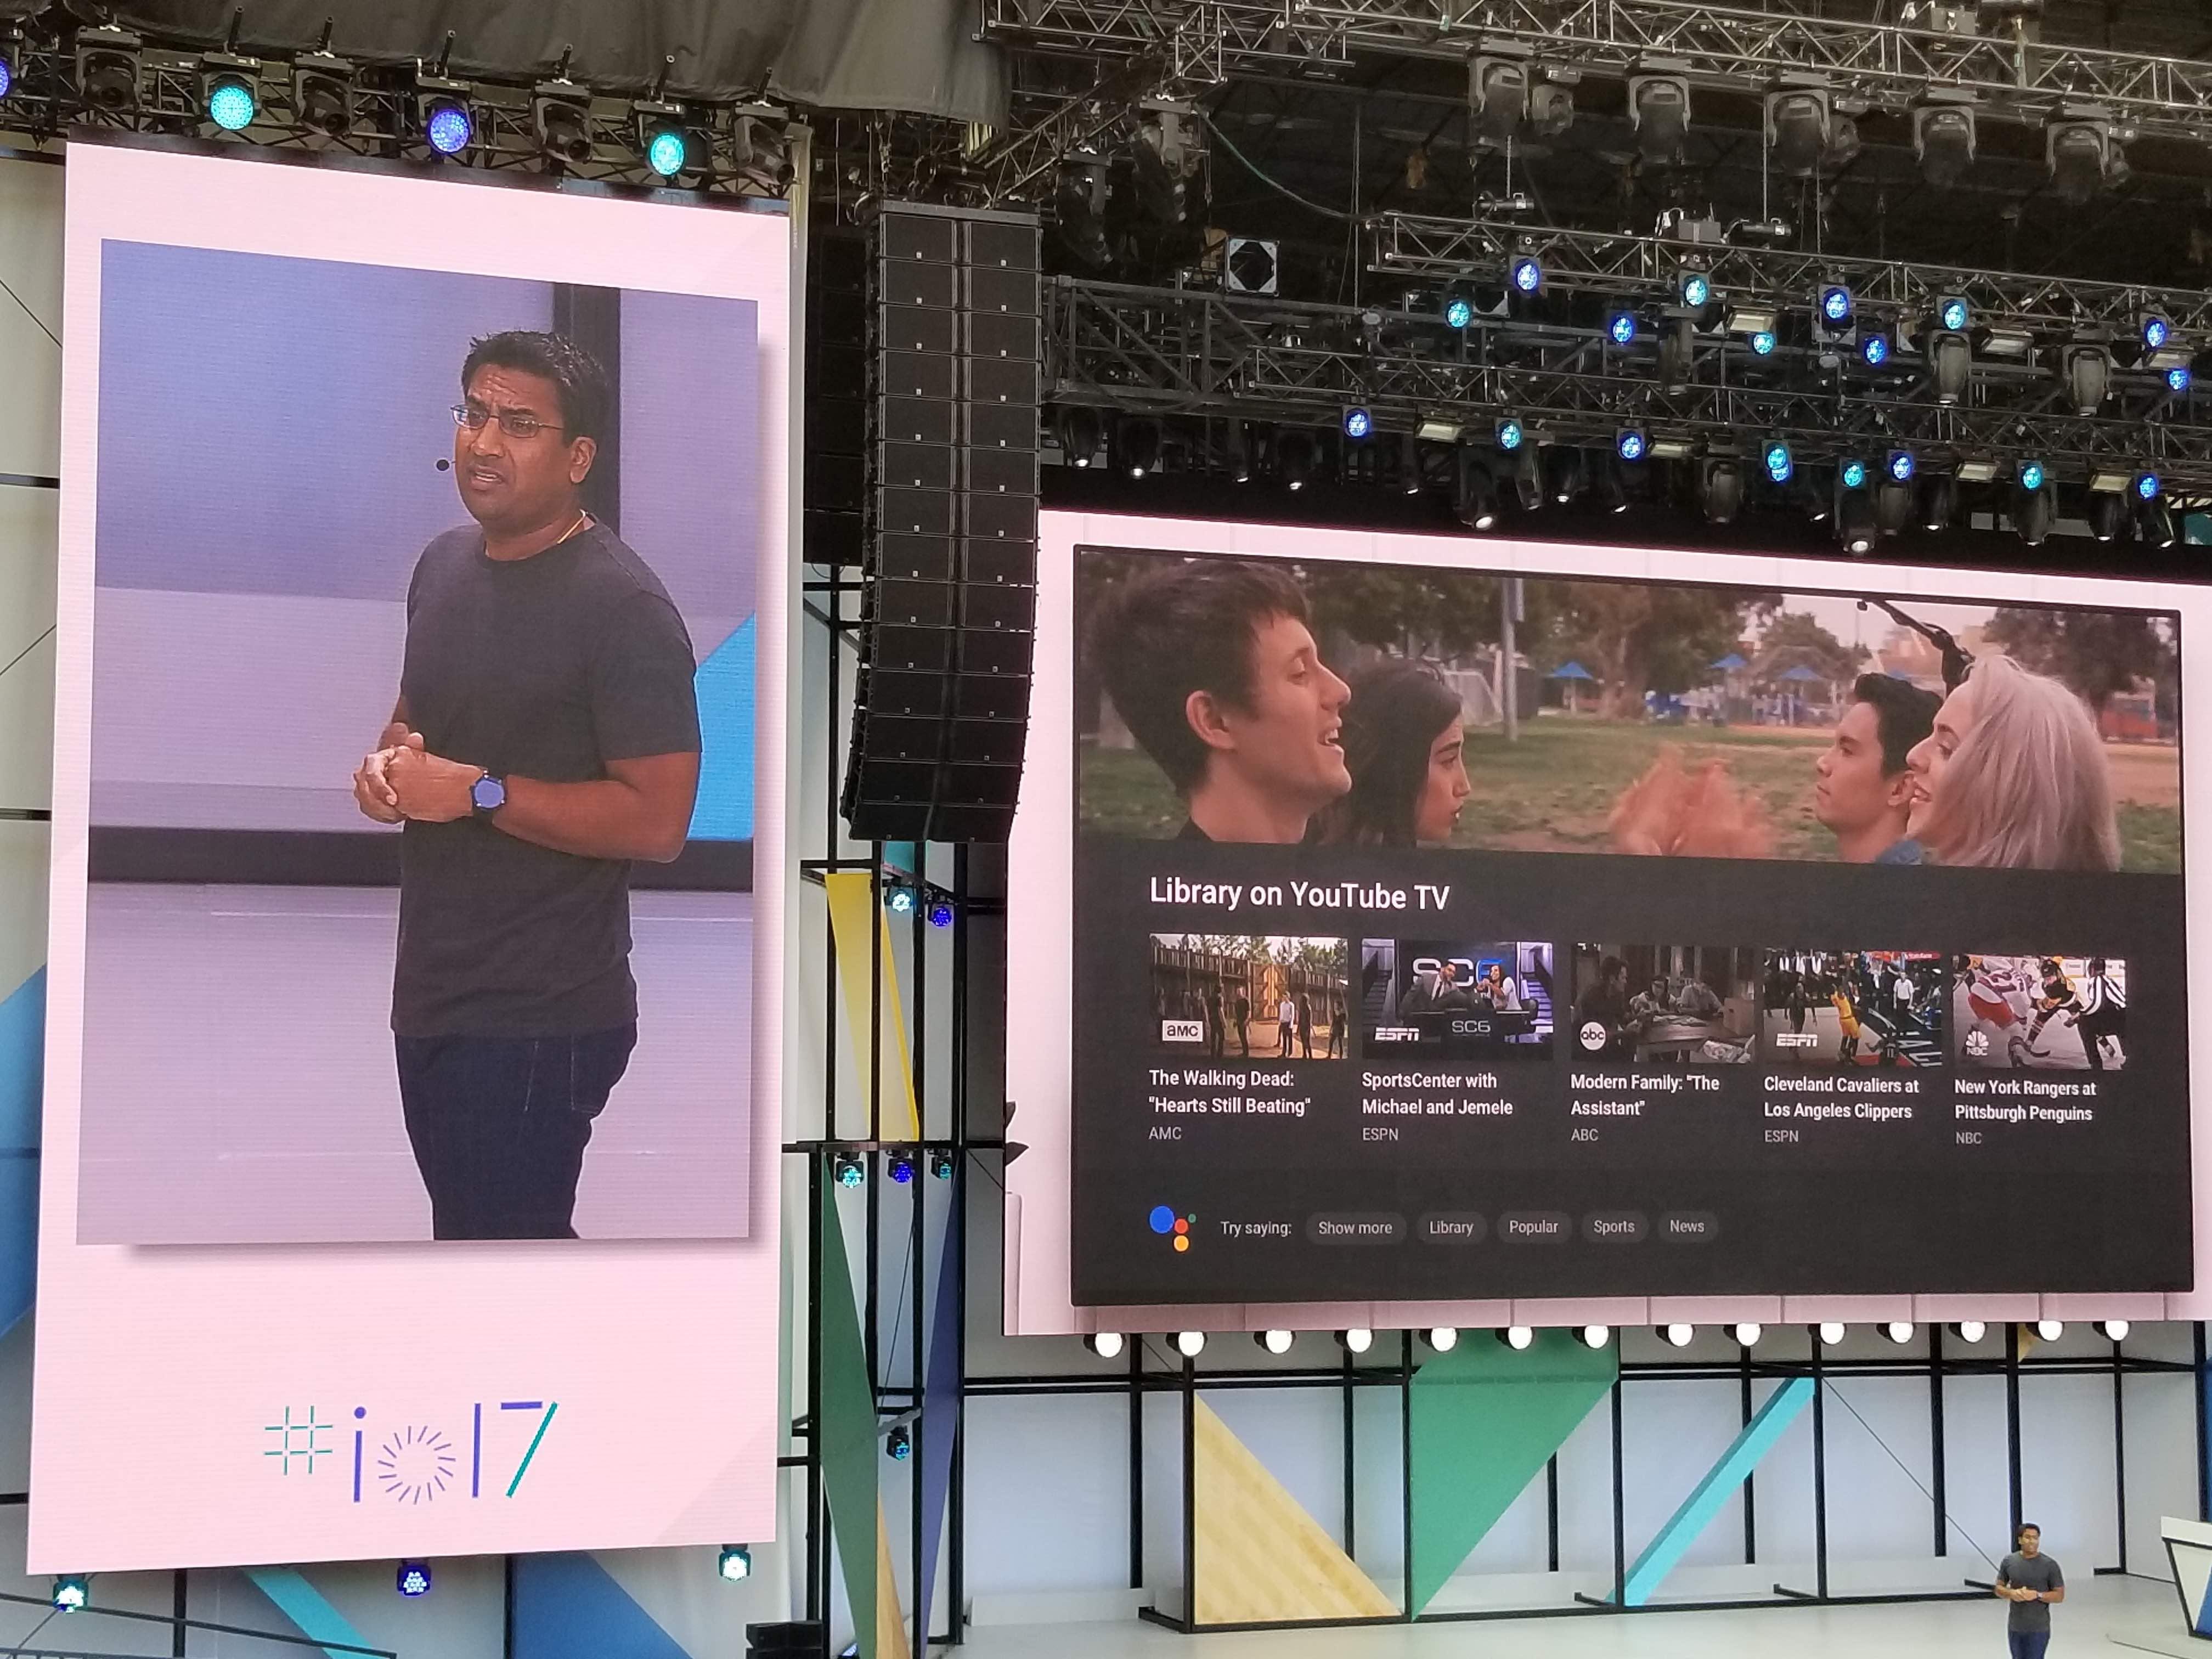 Ansettelsesprosessen er litt annerledes i Google enn i andre selskaper, ifølge Kim Scott.